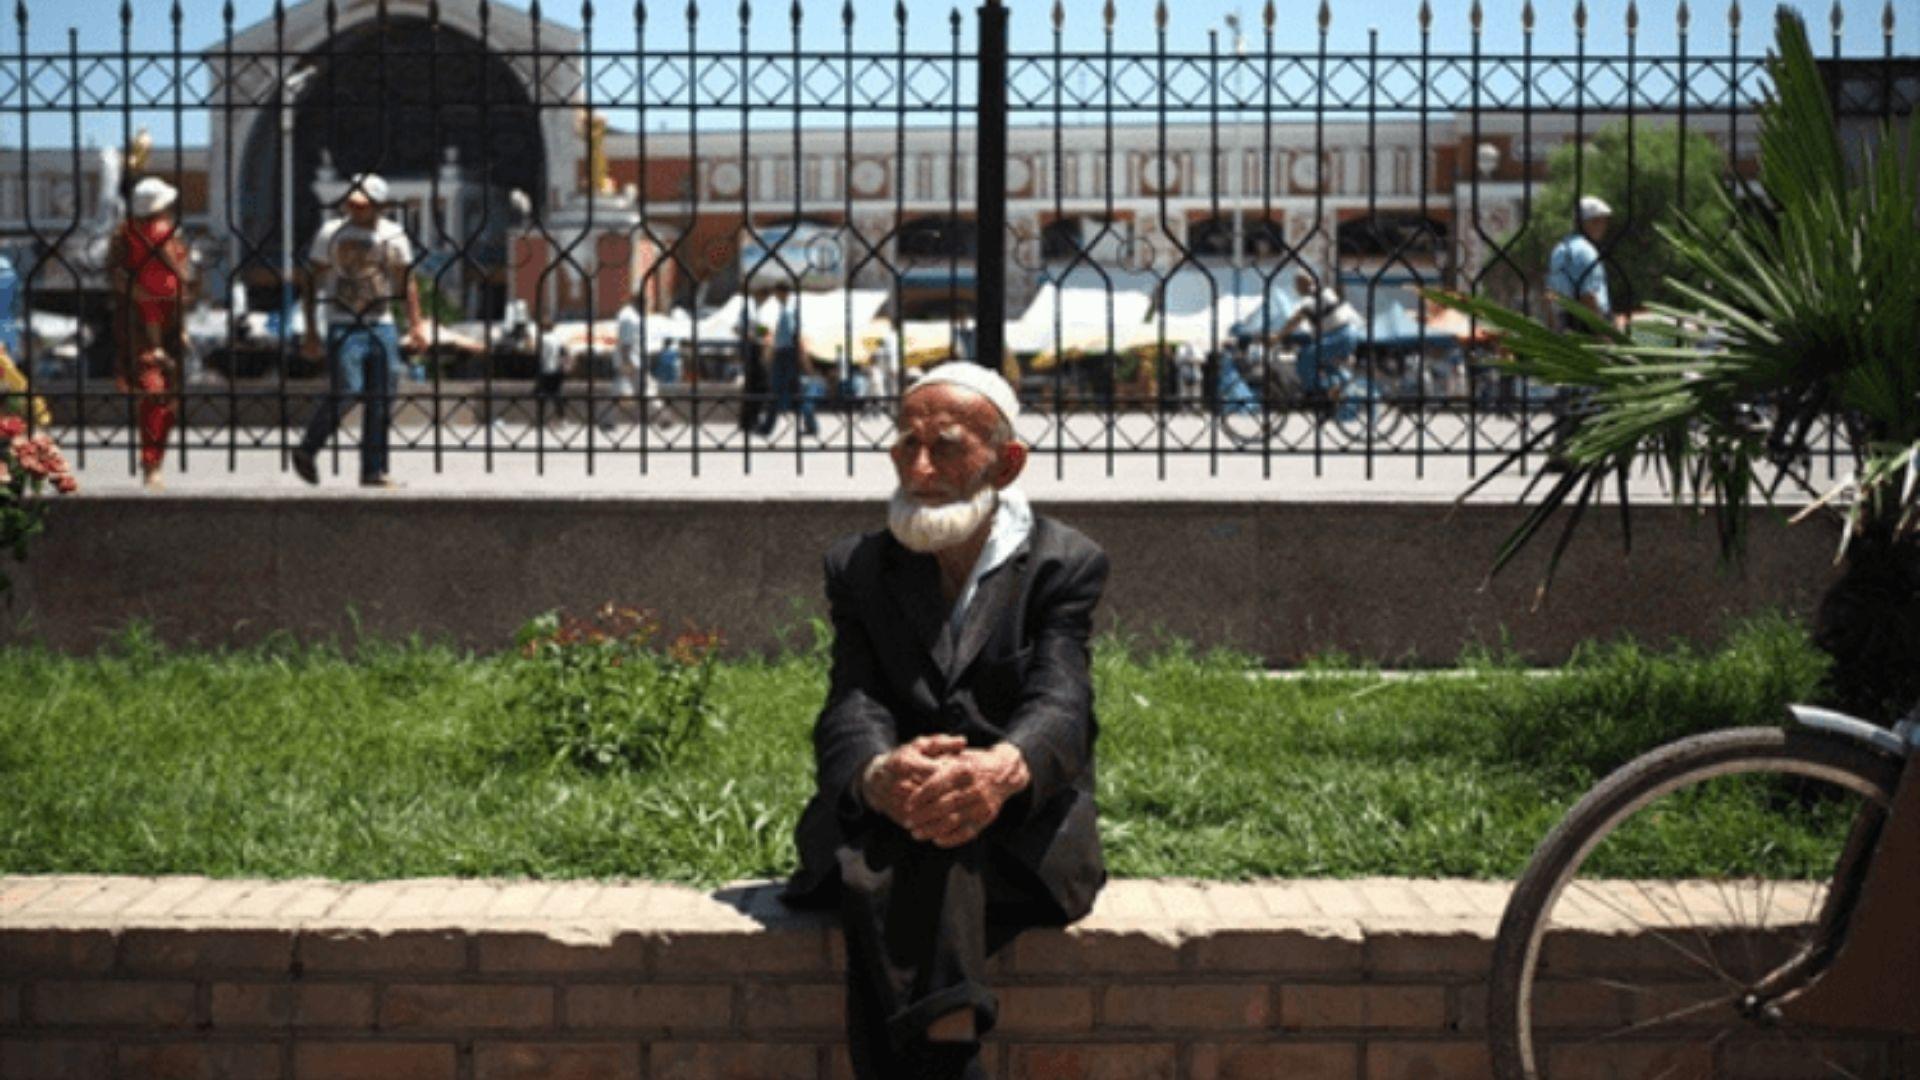 Países que perseguem a Igreja: como vivem os cristãos no Tajiquistão